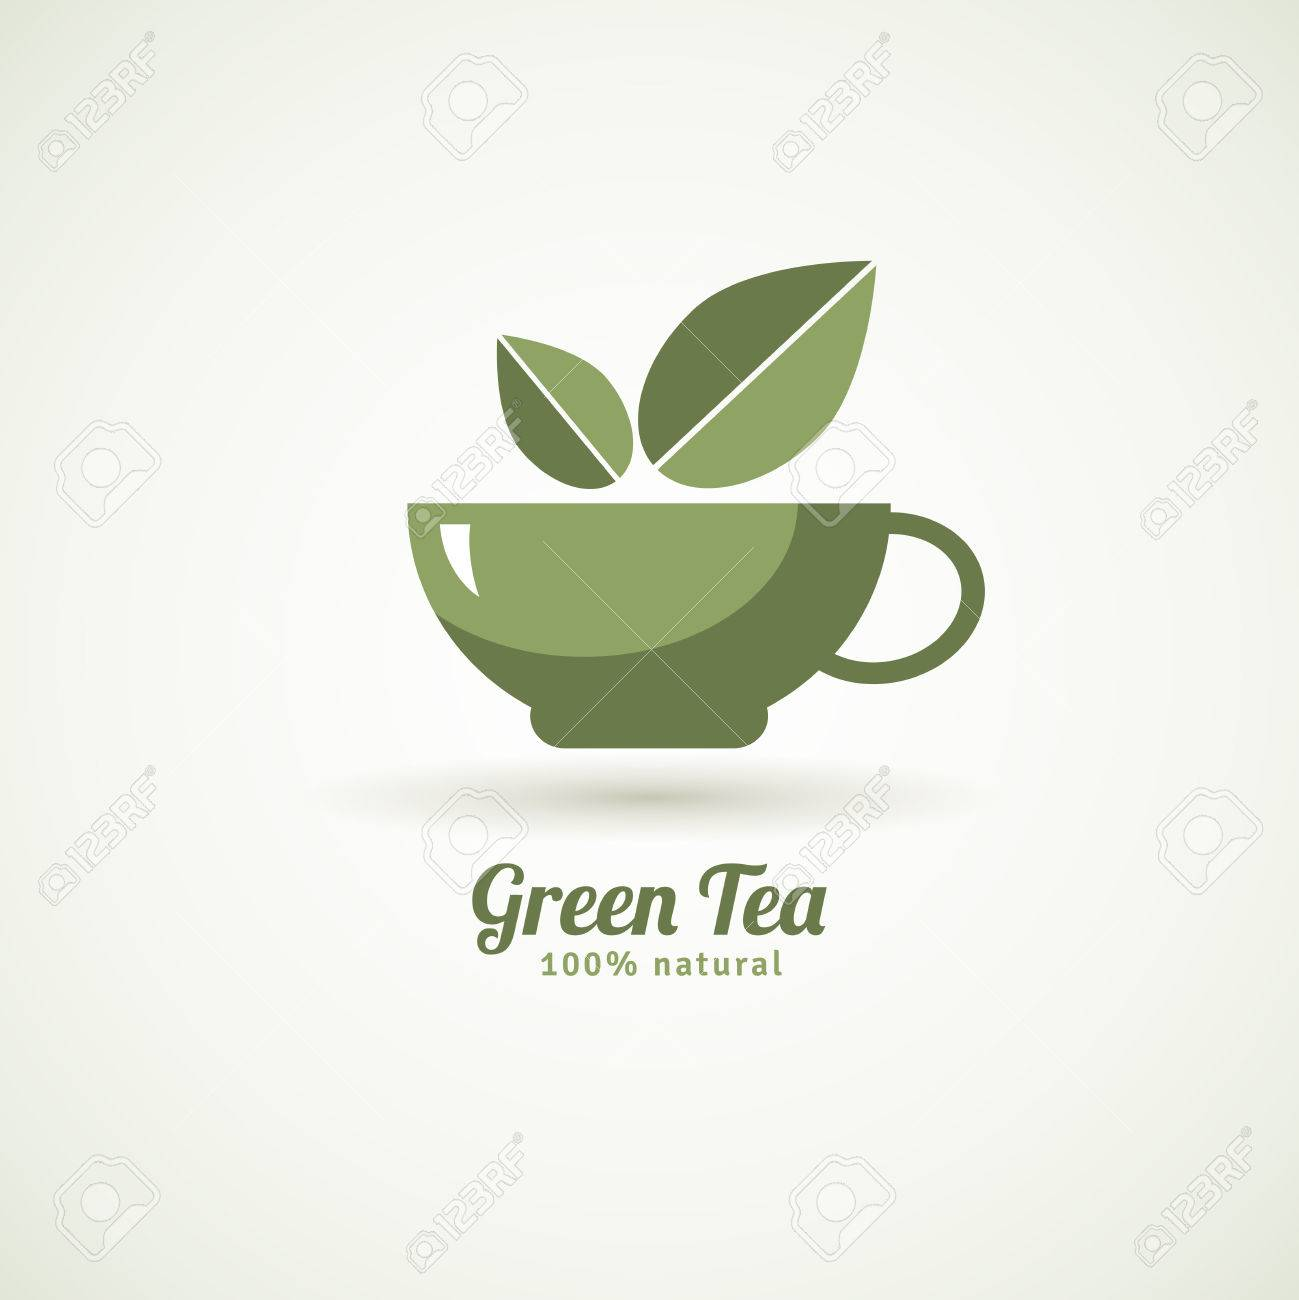 お茶葉デザイン アイコン白背景印刷抽象的なベクトル イラストをポスター